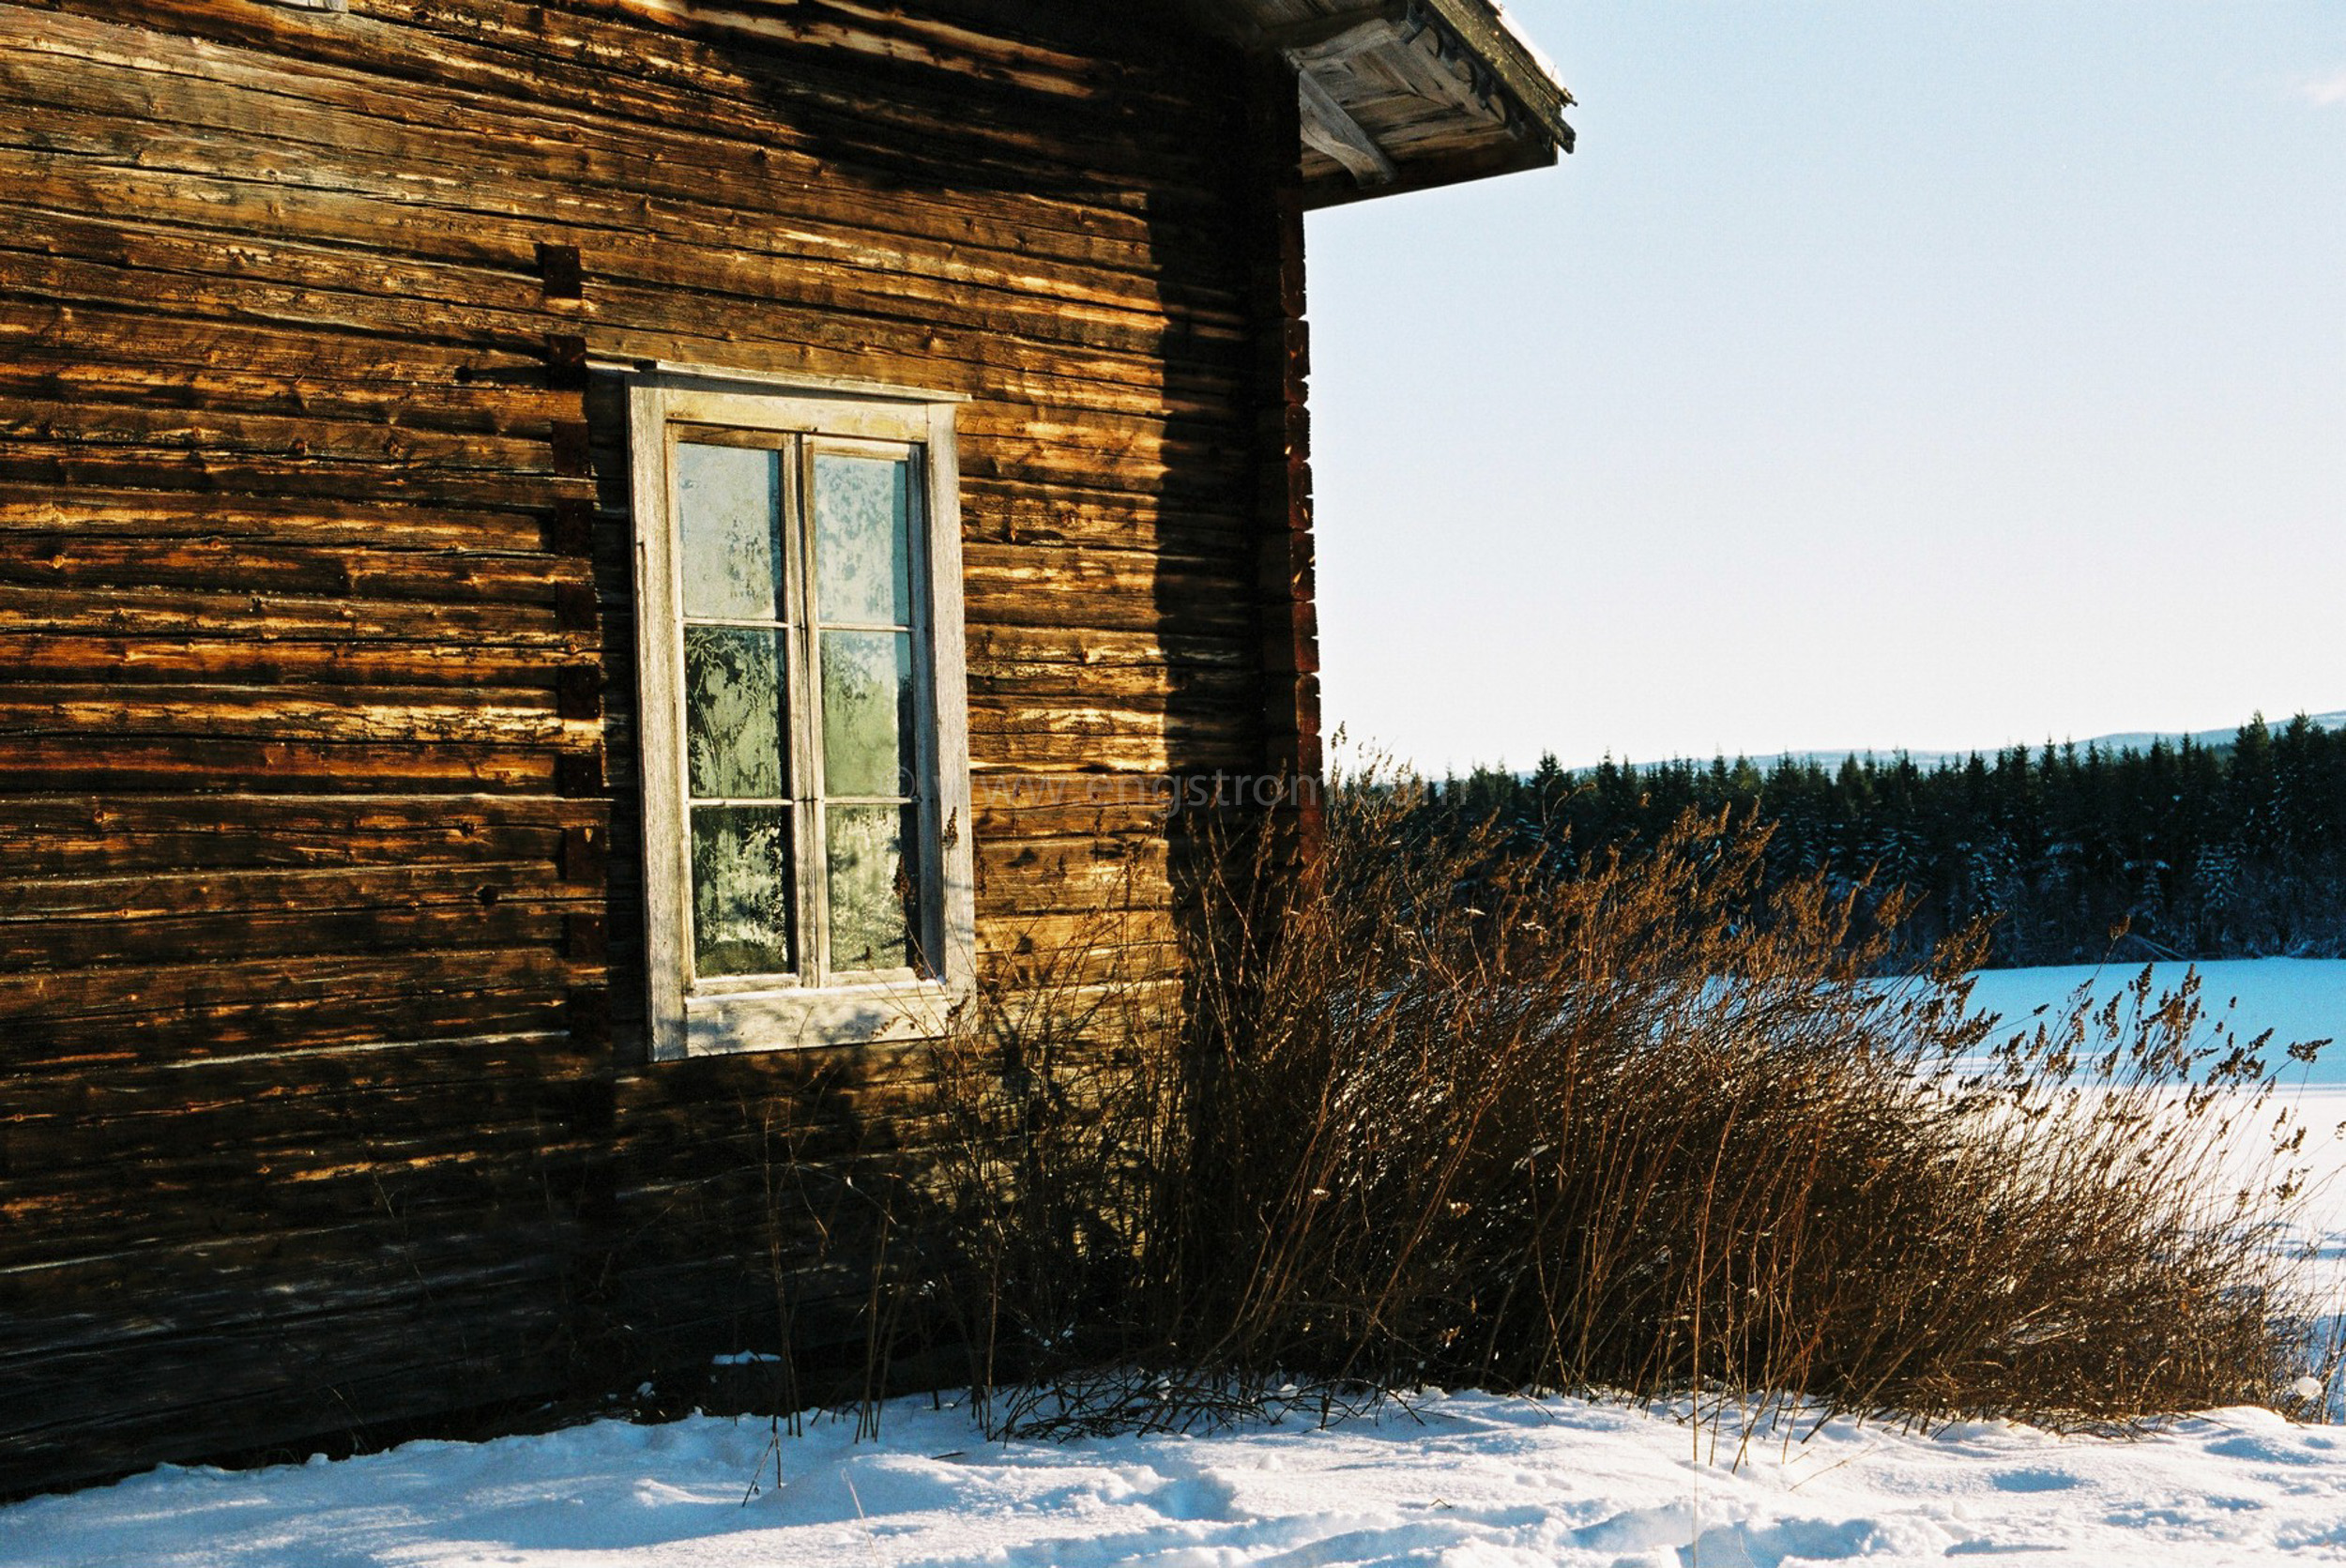 JE0400_056, Solbränt timmerhus. Ranvall vintern 2004, Jonas Engström